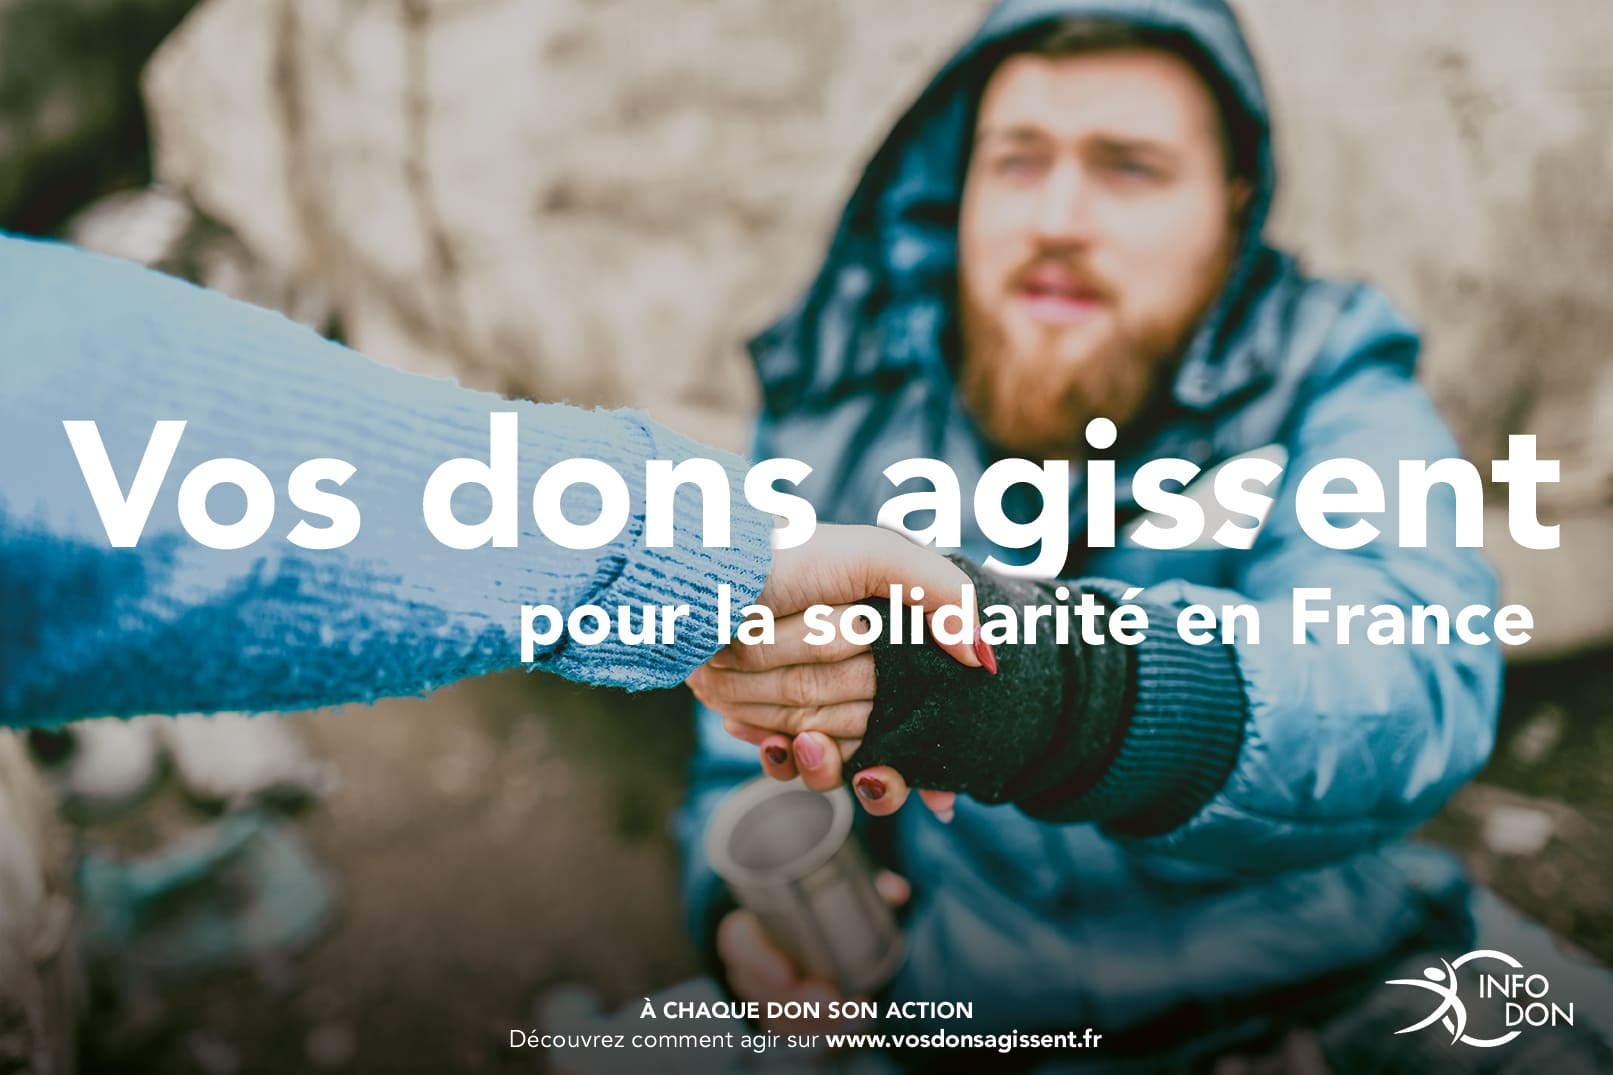 Vos Dons agissent pour la solidarité en France